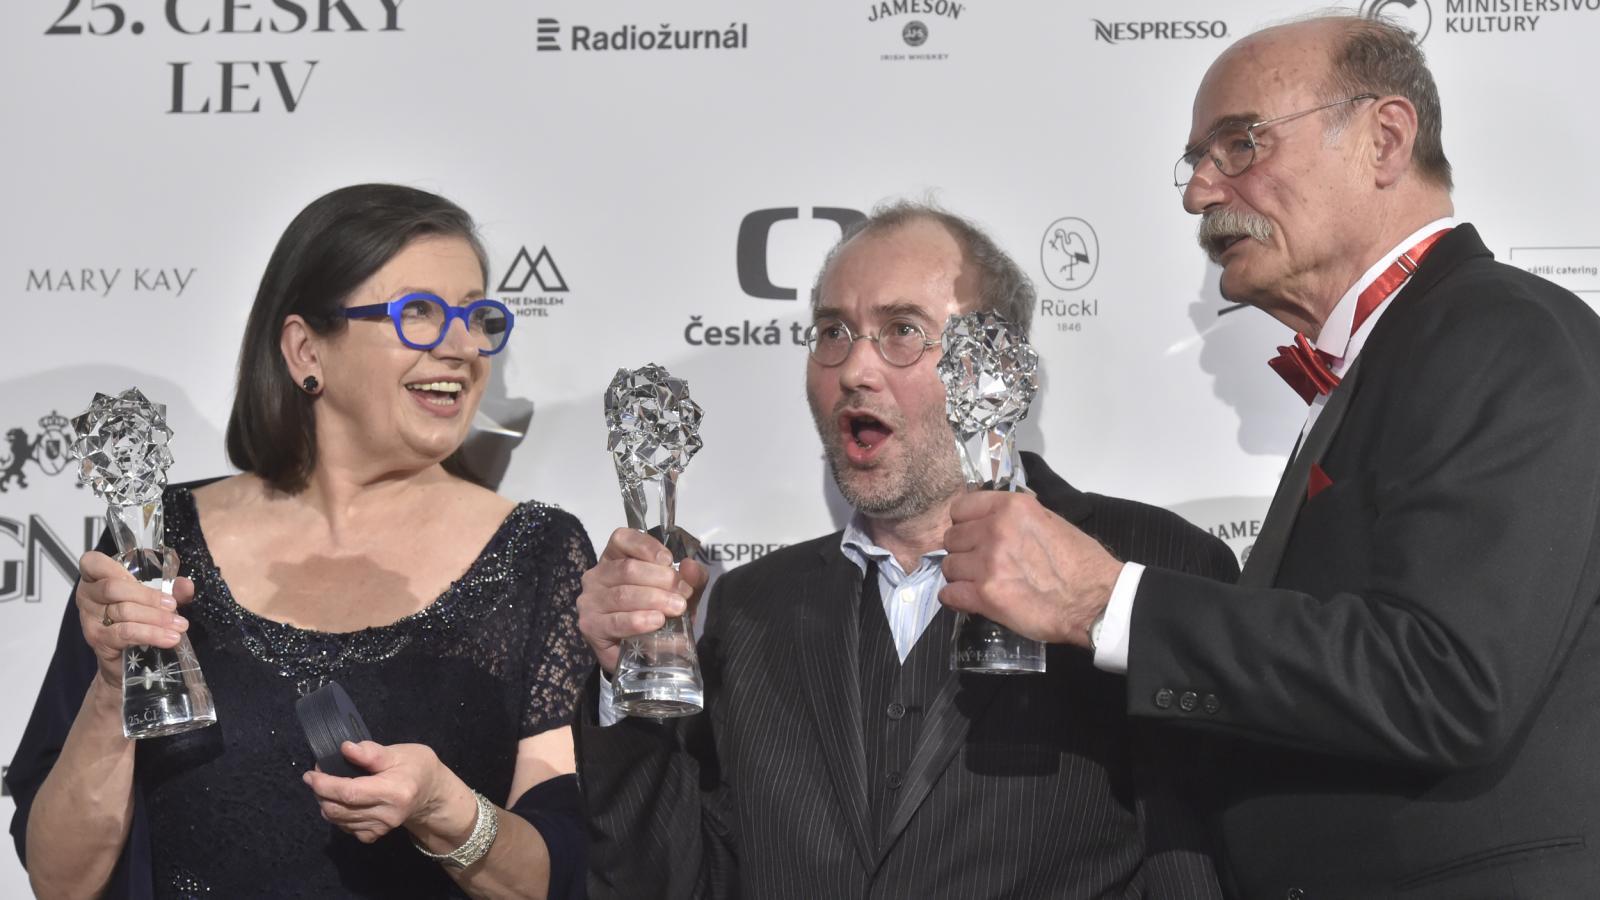 Český lev za rok 2017: Zuzana Kronerová, Bohdan Sláma, Pavel Nový (Bába z ledu)